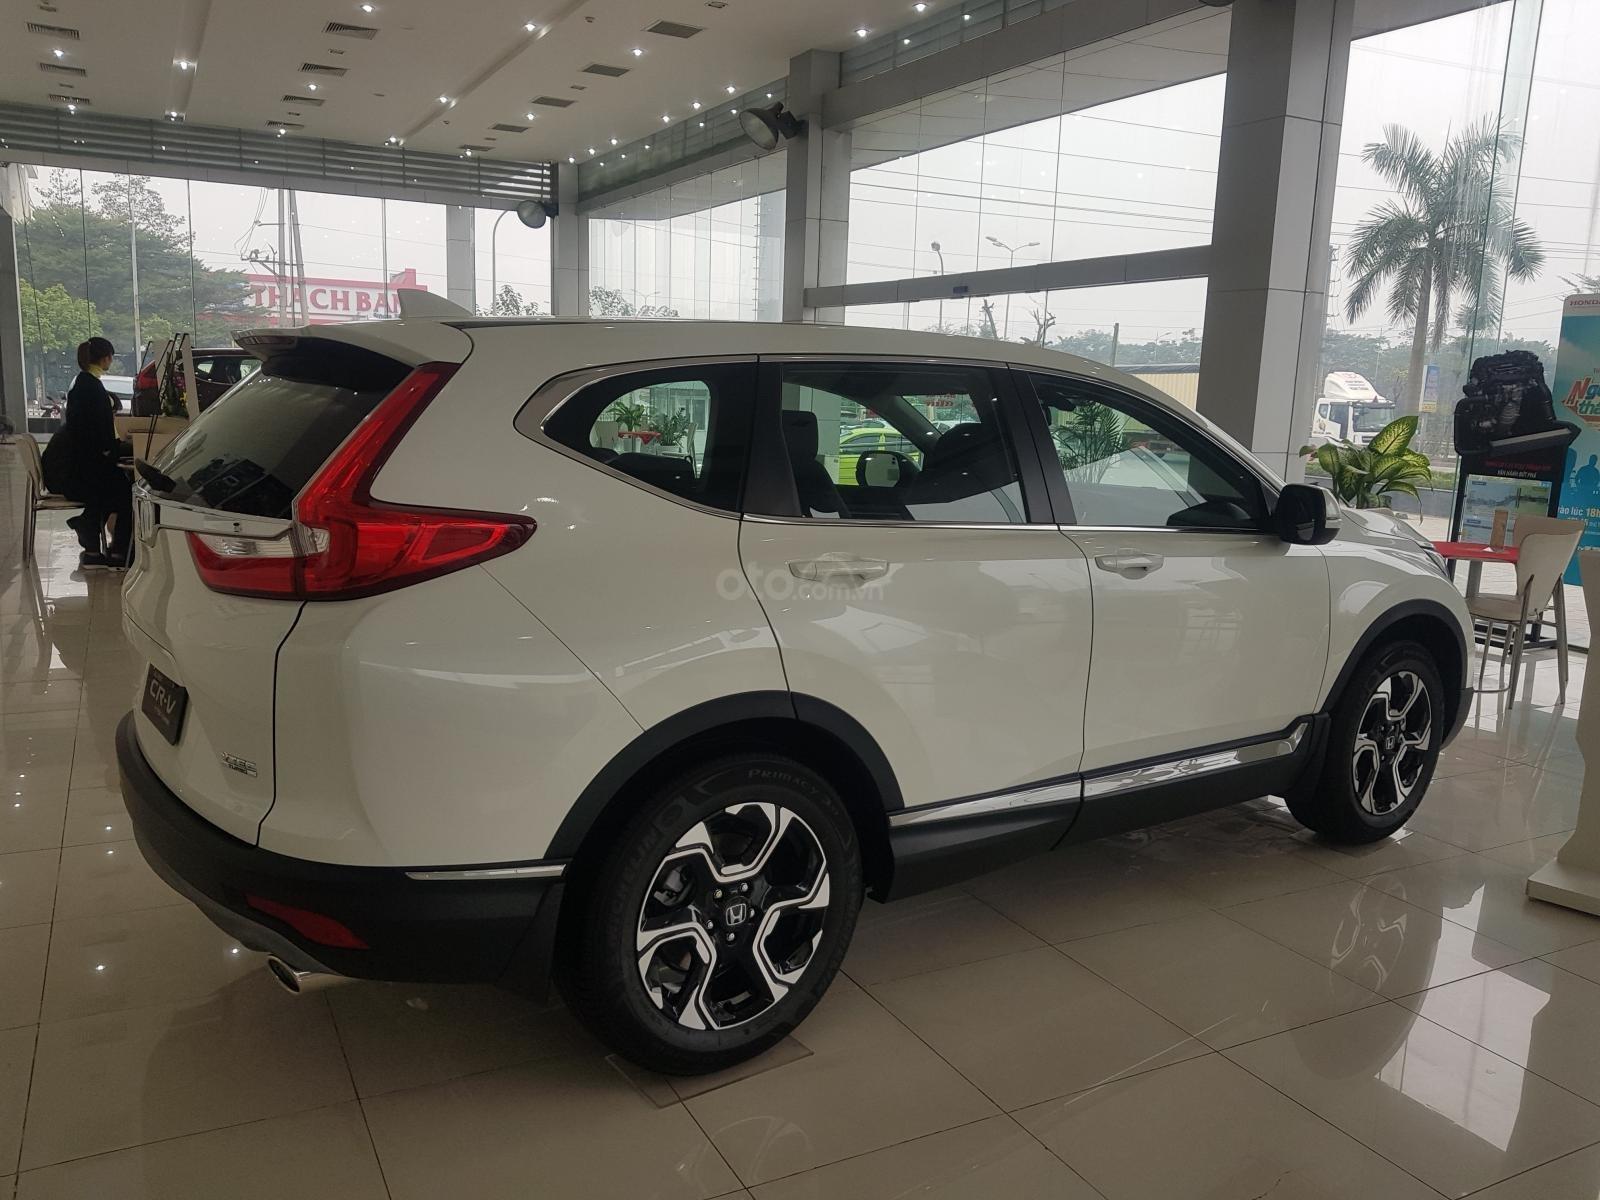 Bán Honda CRV 2019 nhập khẩu, 7 chỗ, giao ngay đủ màu, khuyến mại phụ kiện - LH: 0833578866-4